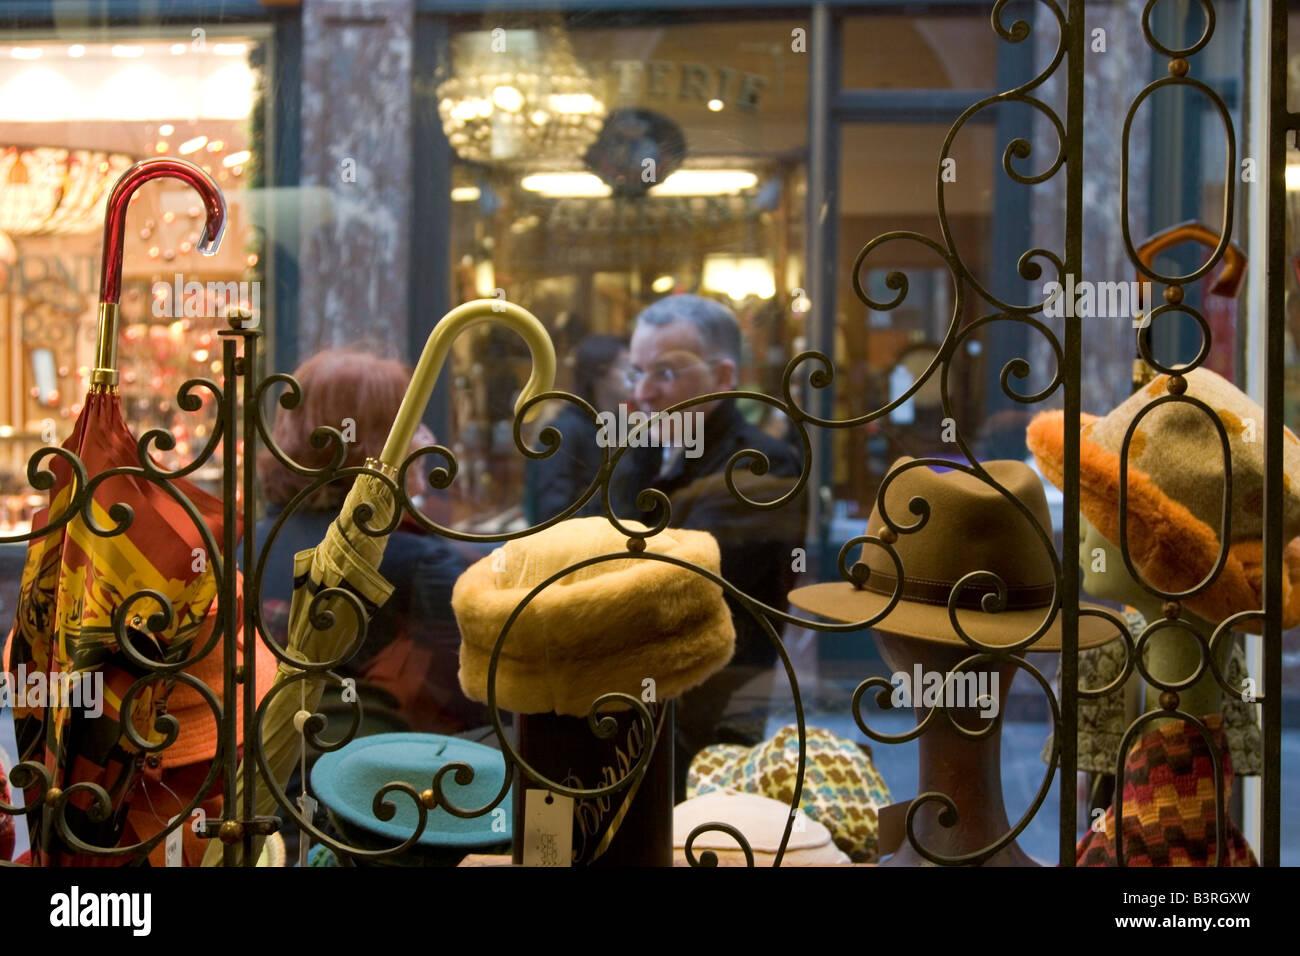 Boutique de produits en cuir pour hommes traditionnels gants, chapeaux et accessoires de mode sur les Galeries Royales Saint-Hubert à Bruxelles Belgique Banque D'Images